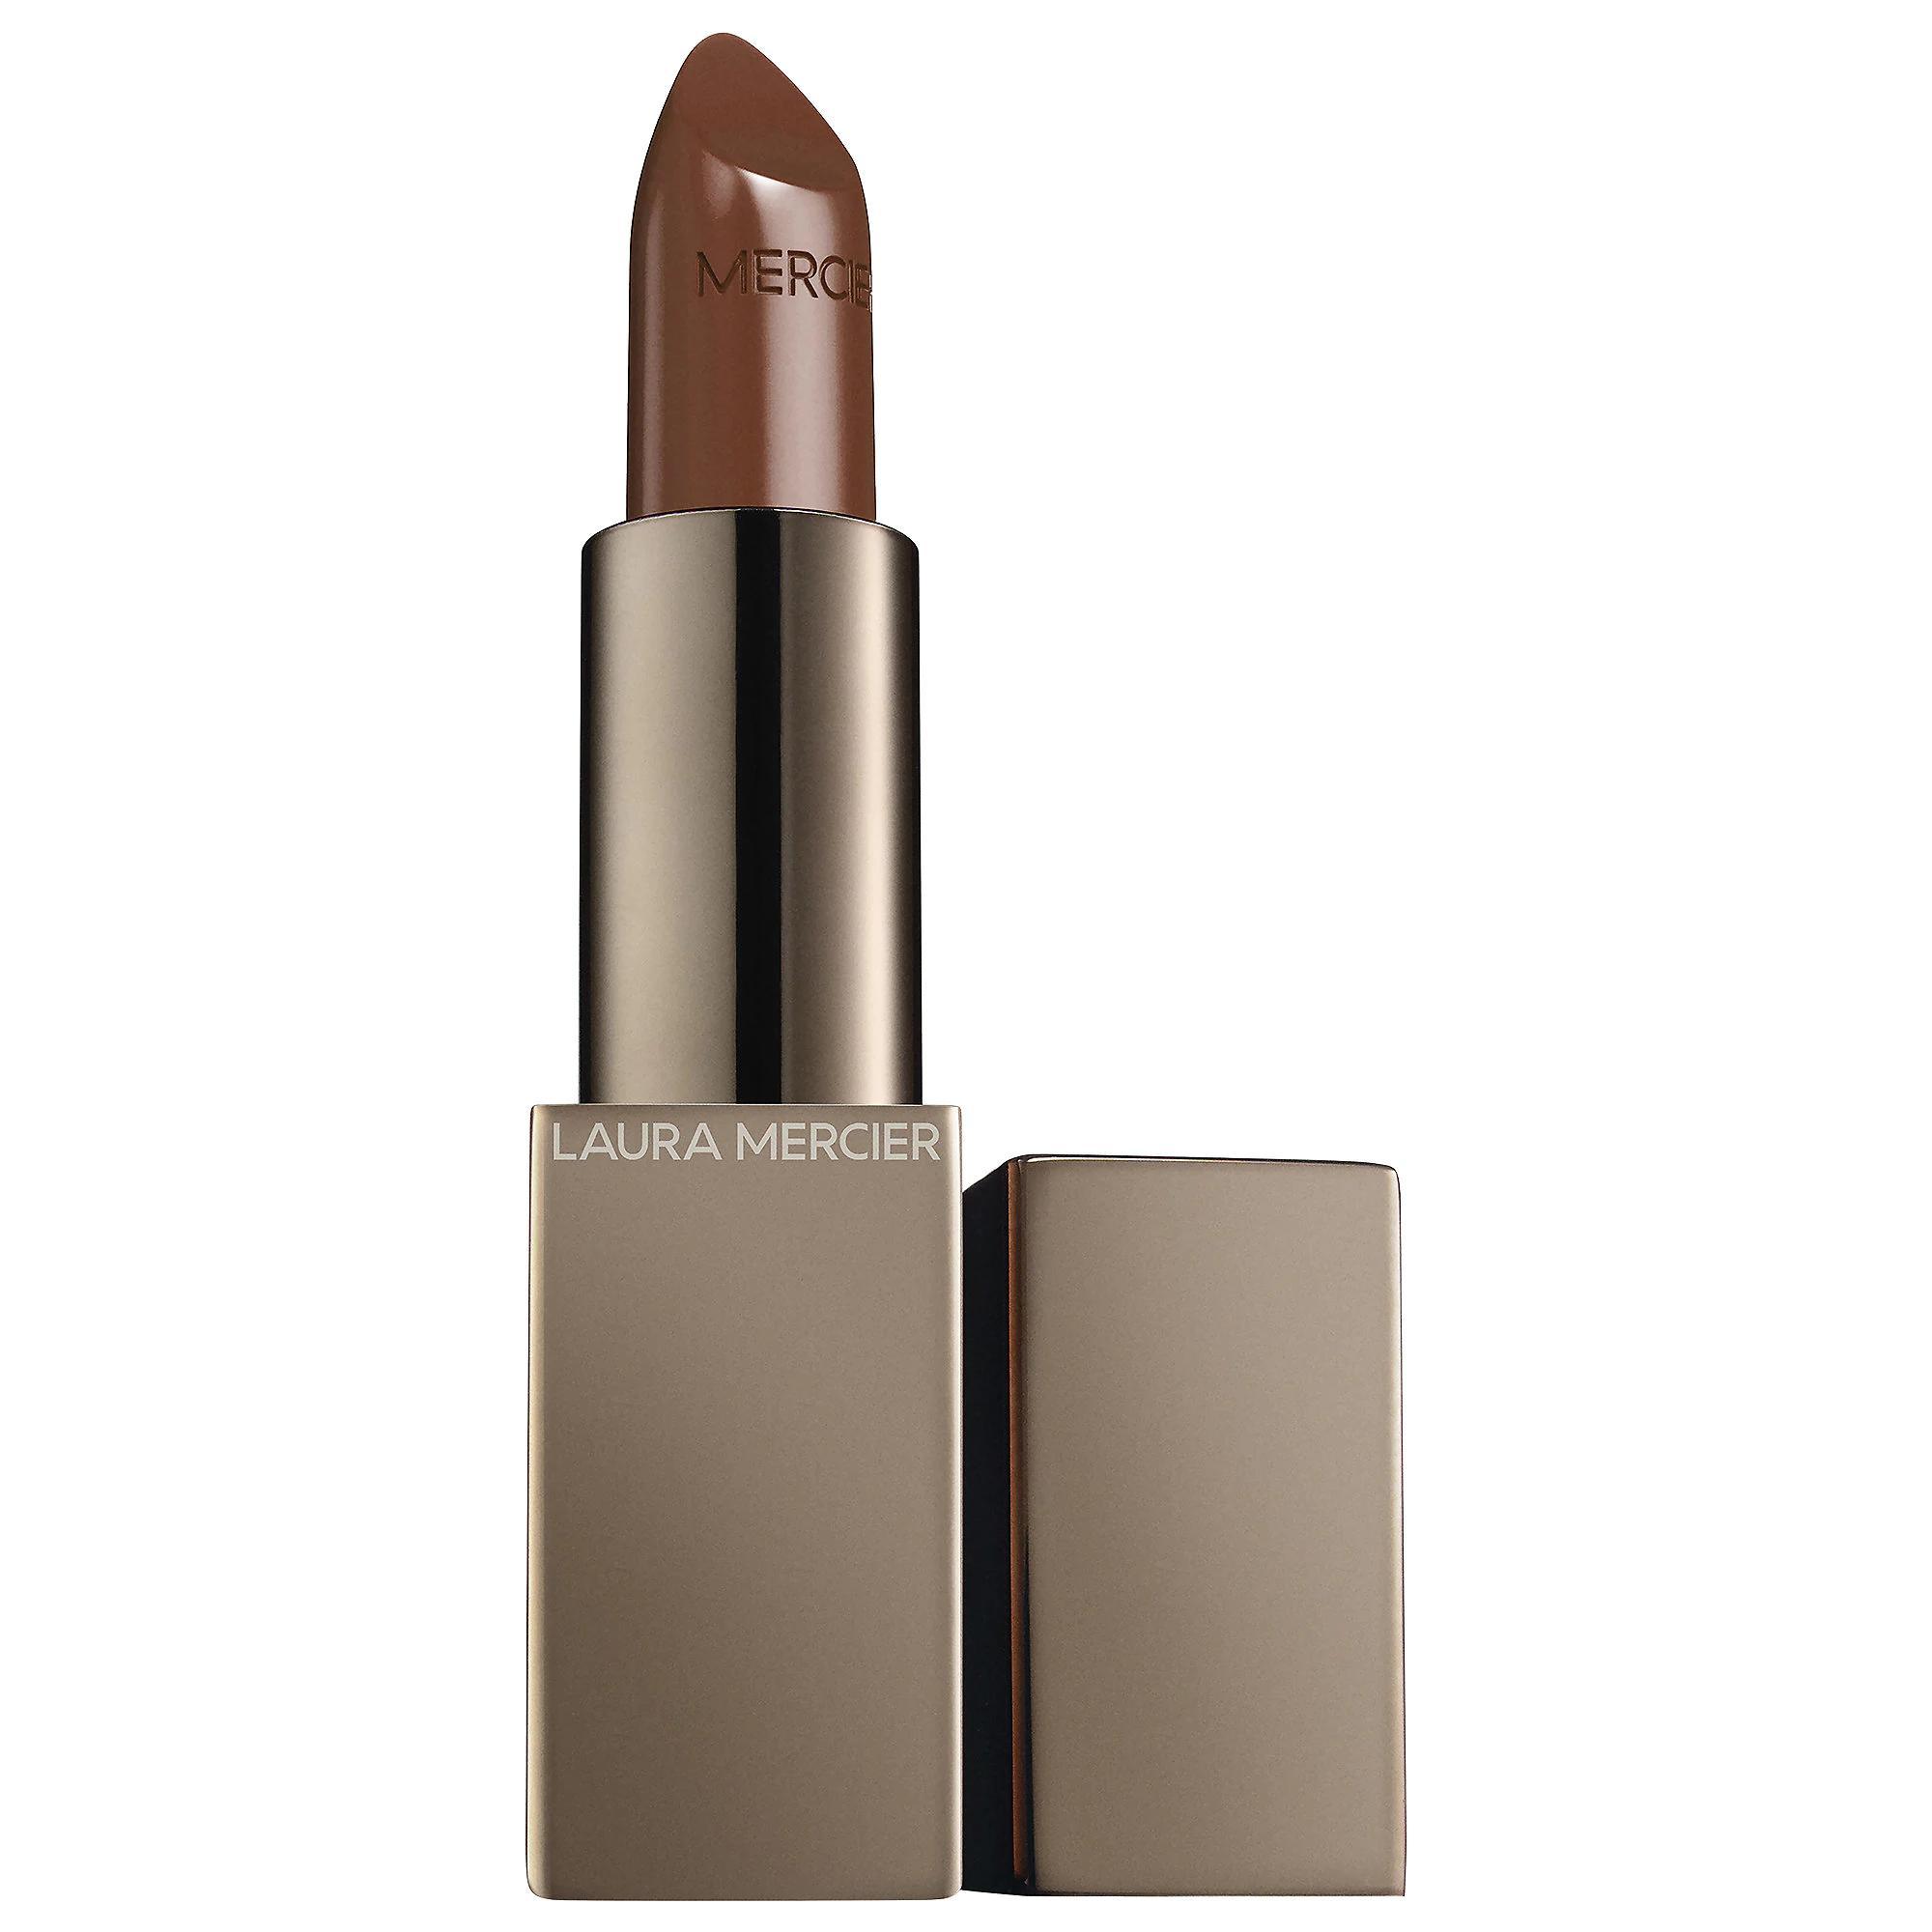 Laura Mercier Rouge Essentiel Silky Creme Lipstick Brun Naturel